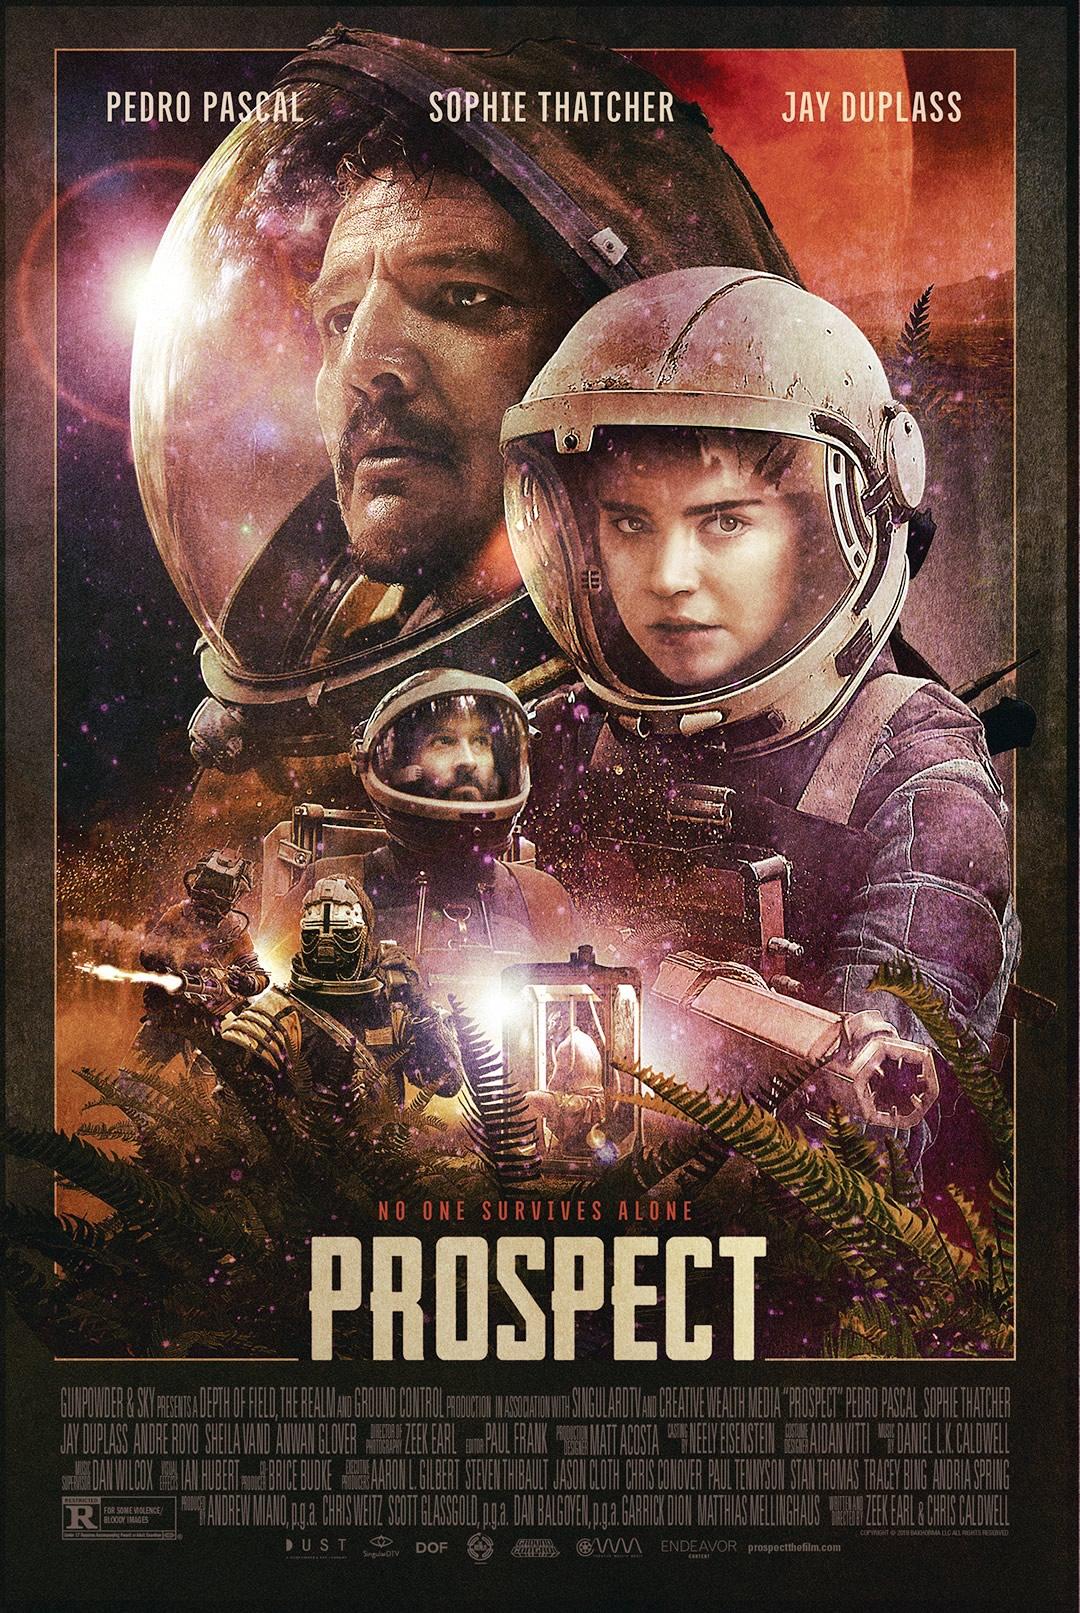 prospect 2018 ficcao cientifica com pedro pascal na netflix - Prospect | Filme de ficção científica com Pedro Pascal chega à Netflix em novembro de 2020